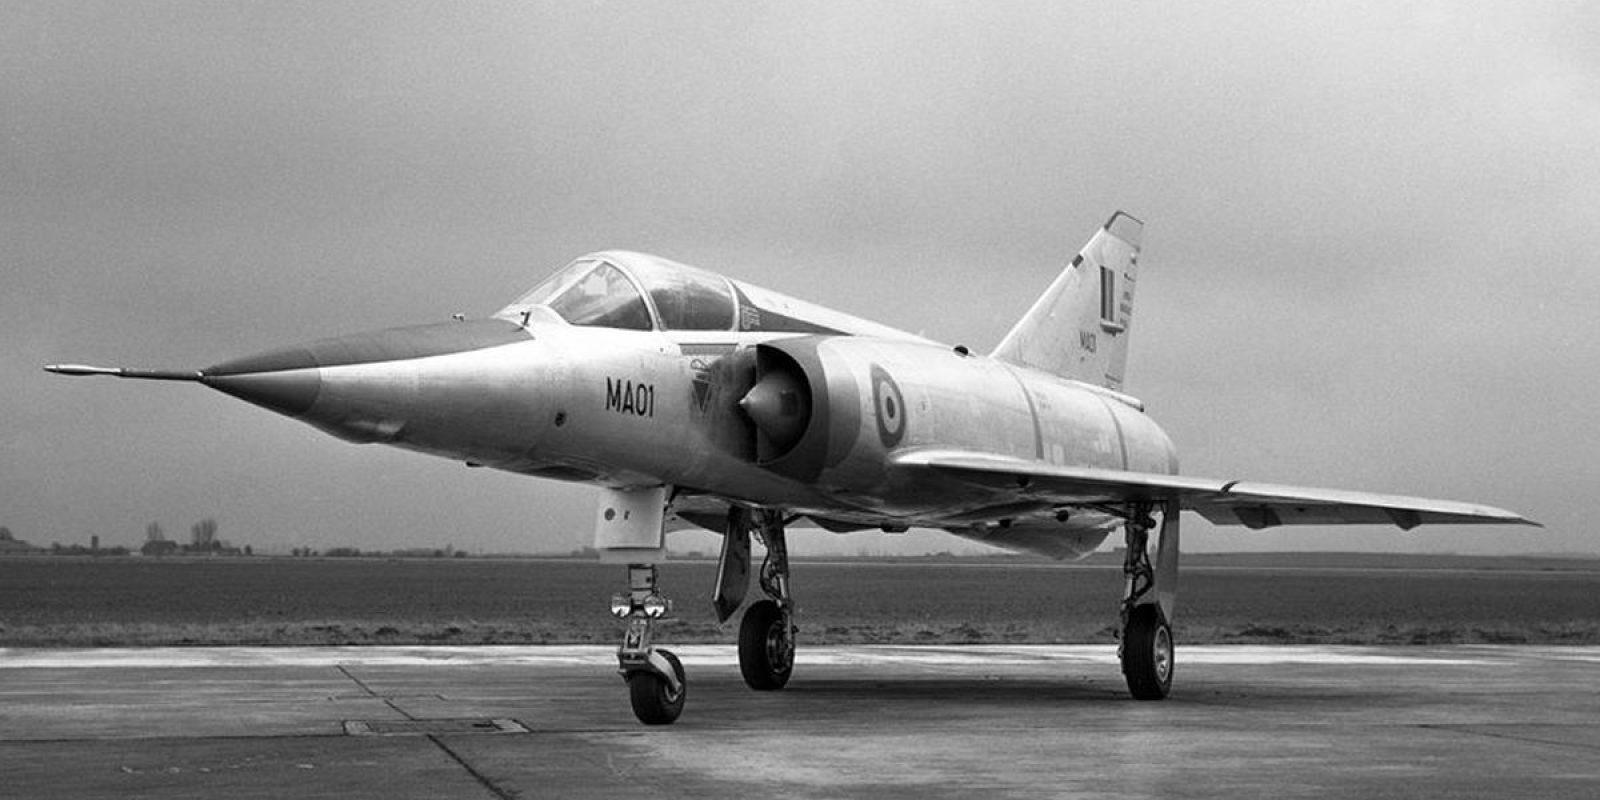 Les « têtes de série » effectuent leurs premiers vols en France avec les immatriculation MA 01, BD 01 et BR 01. Dès leur arrivée en Belgique, le M est modifié en B pour Belgique. Ce seront les seuls Mirage belges à être parés des décorations rouges aux entrées d'air et arrière du cockpit. (Dassault)